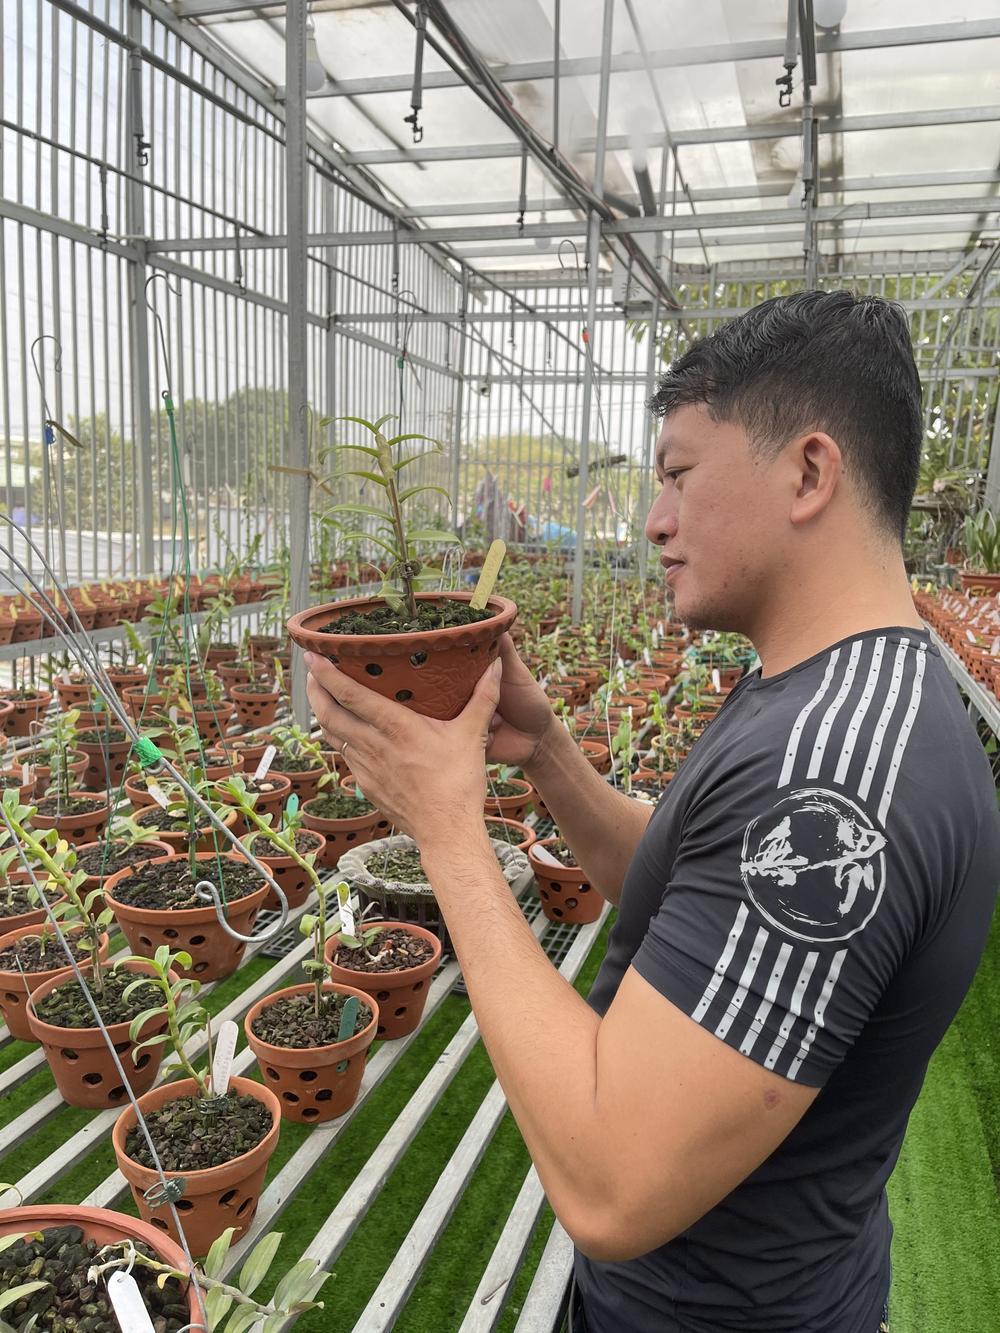 Doãn Chinh và hành trình theo đuổi hoa lan đầy thú vị Ảnh 1